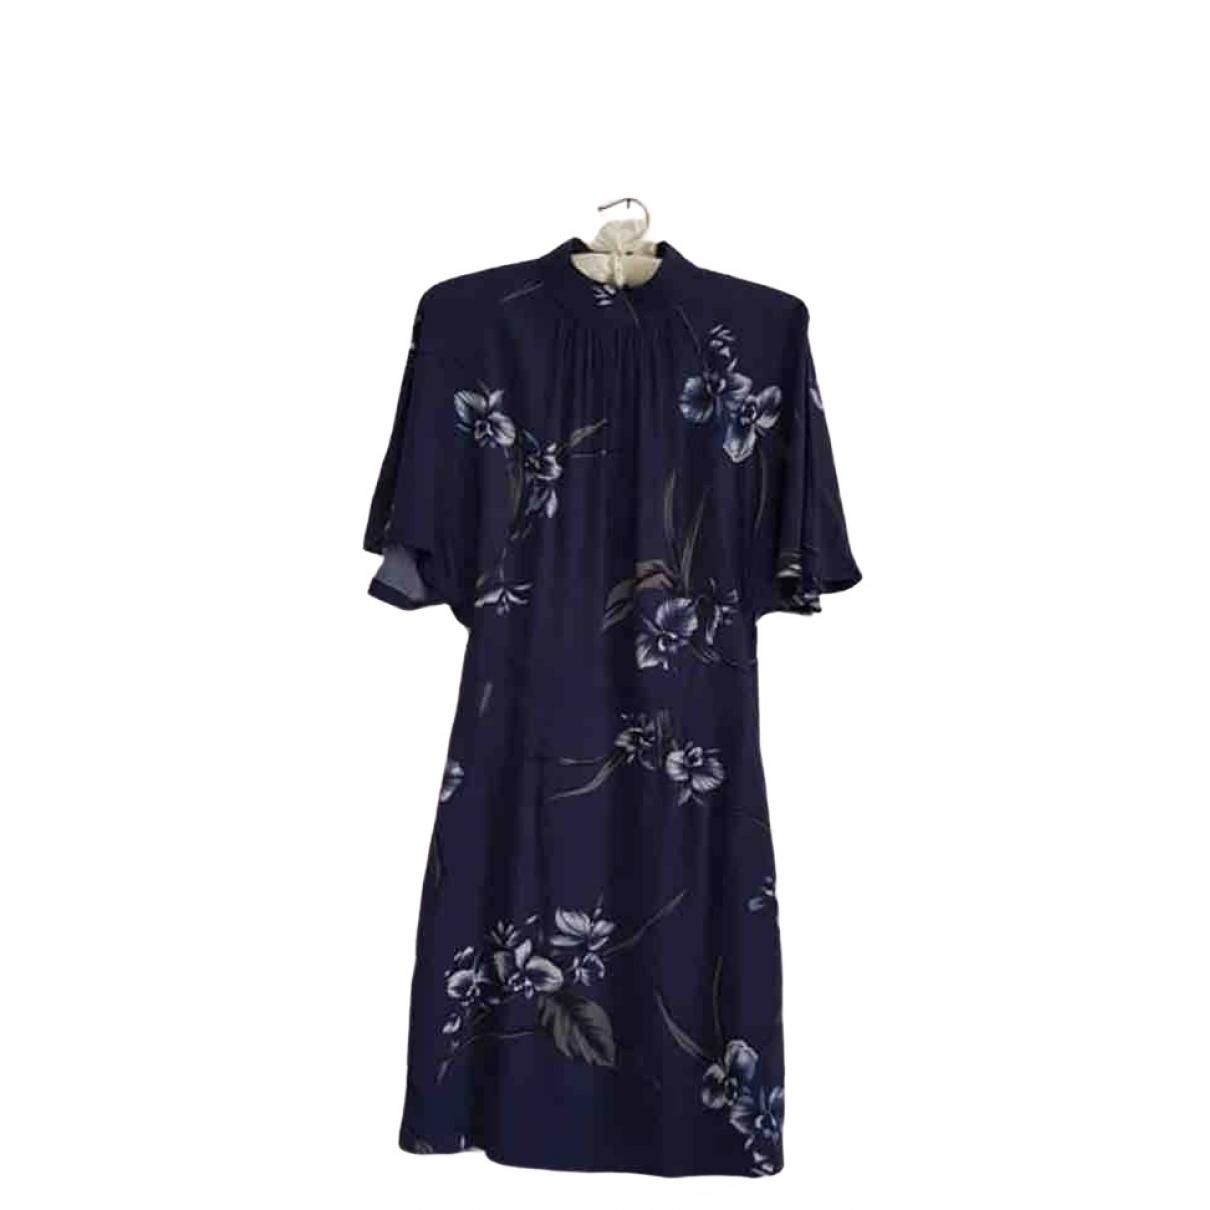 Ganni \N Kleid in  Blau Viskose